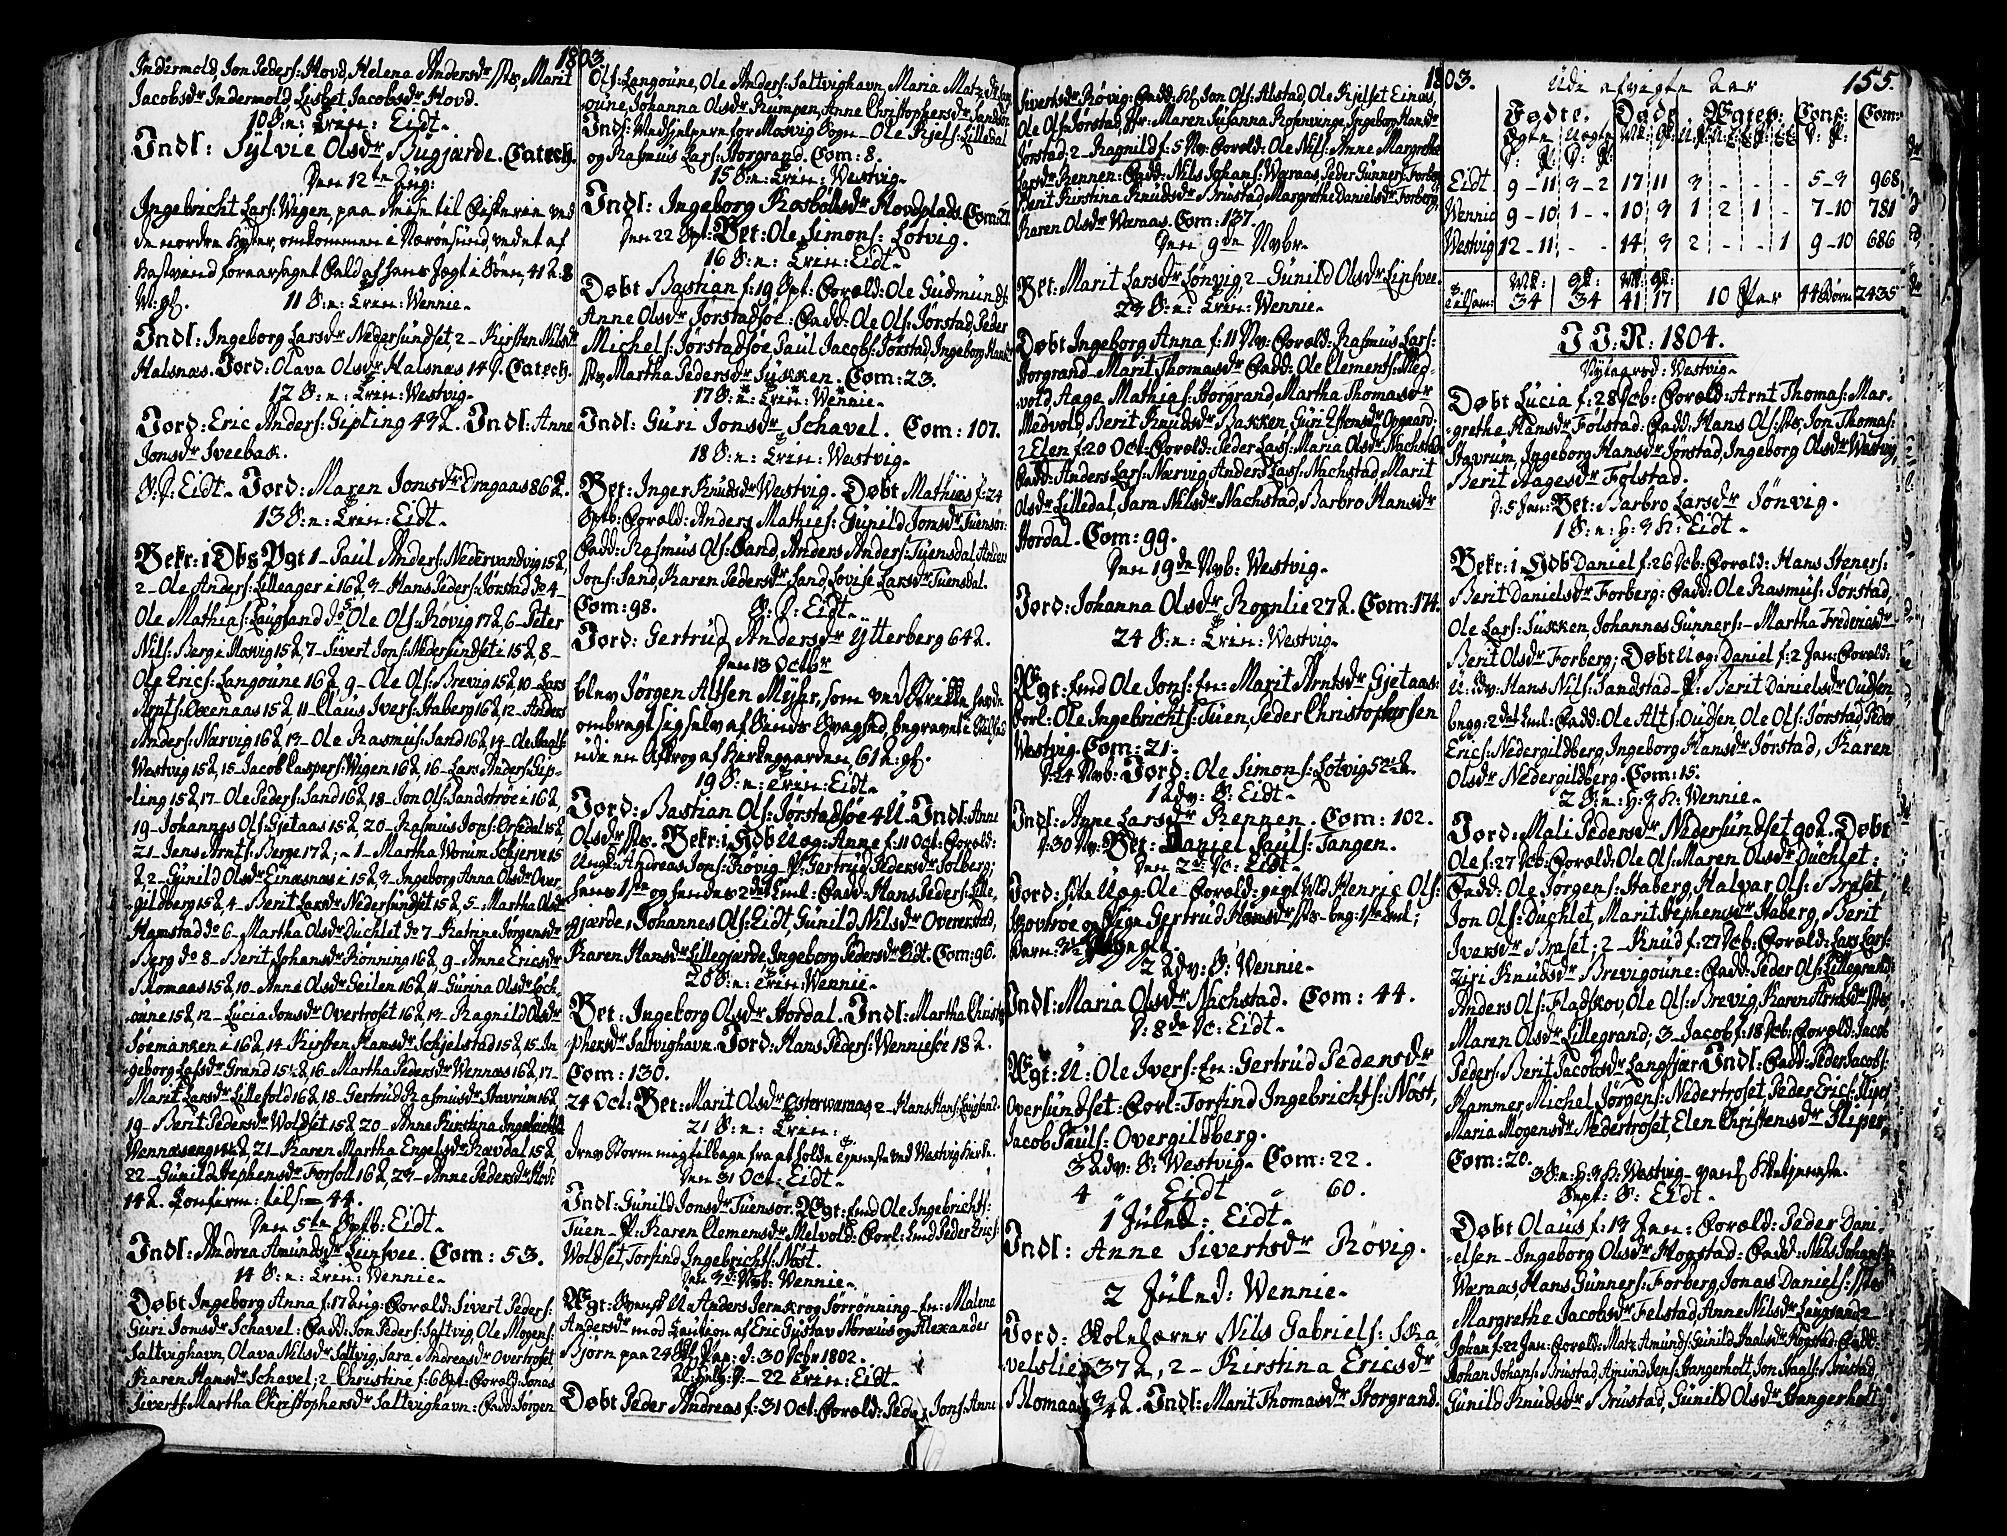 SAT, Ministerialprotokoller, klokkerbøker og fødselsregistre - Nord-Trøndelag, 722/L0216: Ministerialbok nr. 722A03, 1756-1816, s. 155